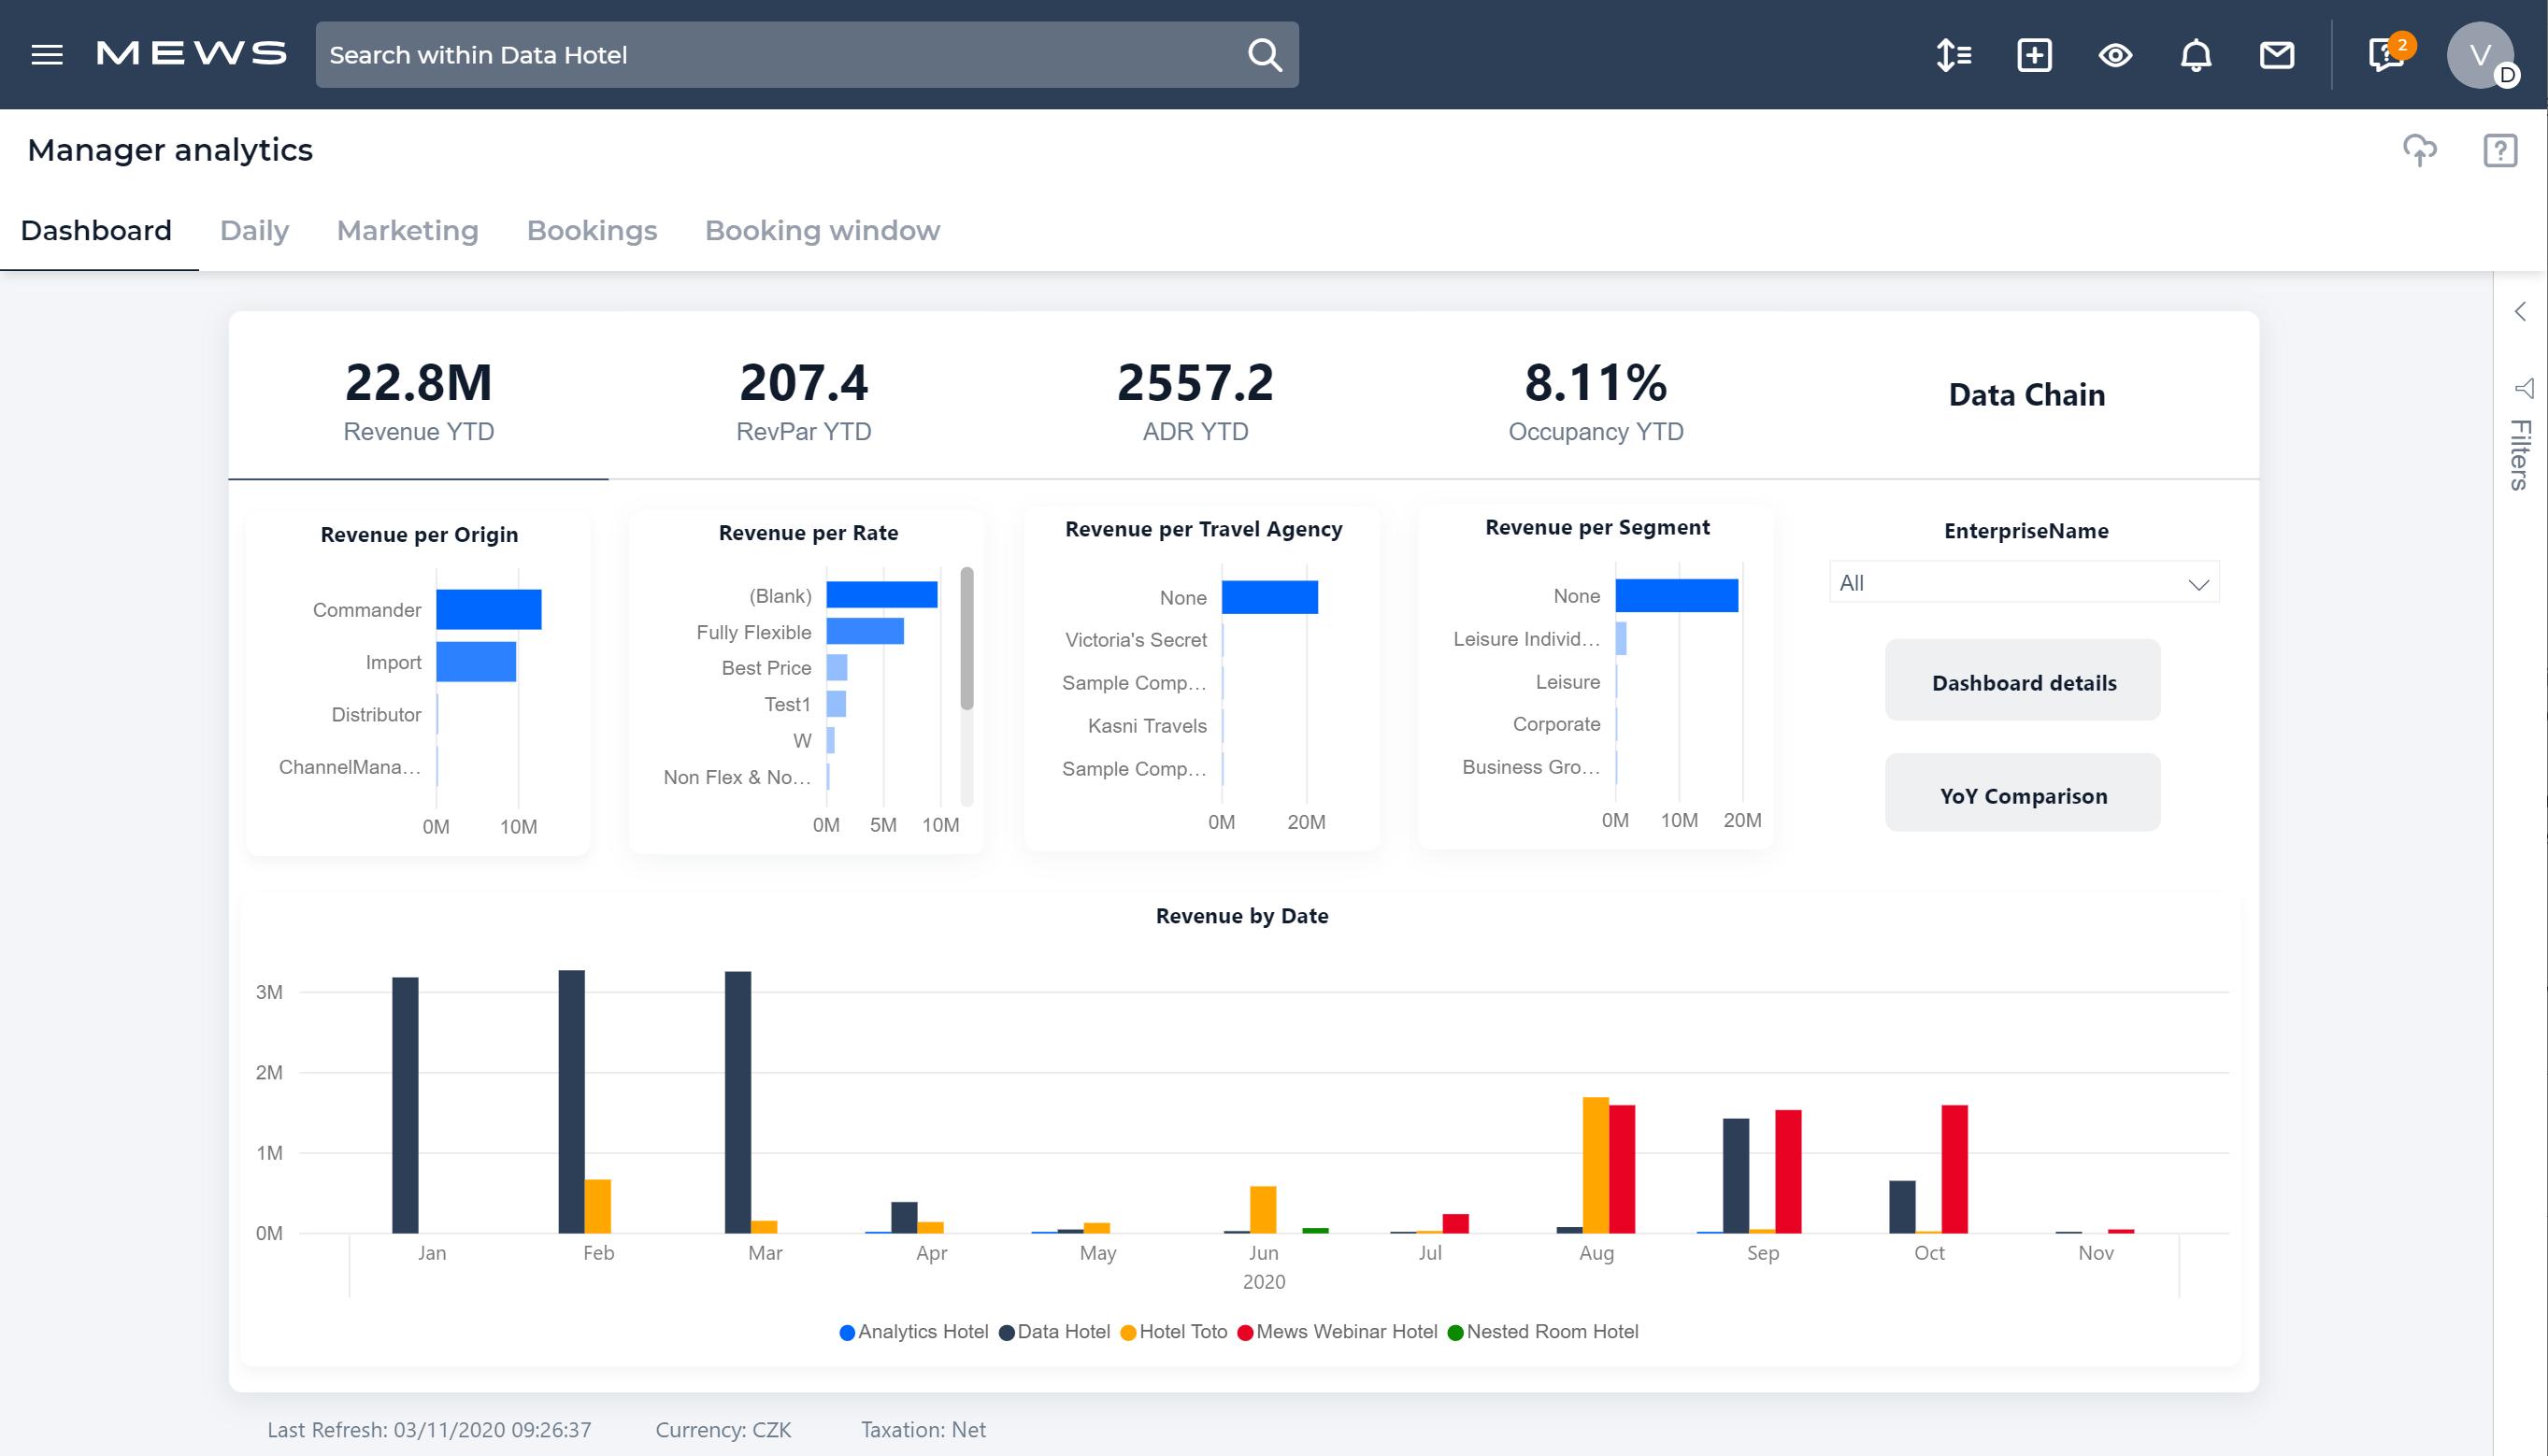 mews-analytics-manager-analytics-2